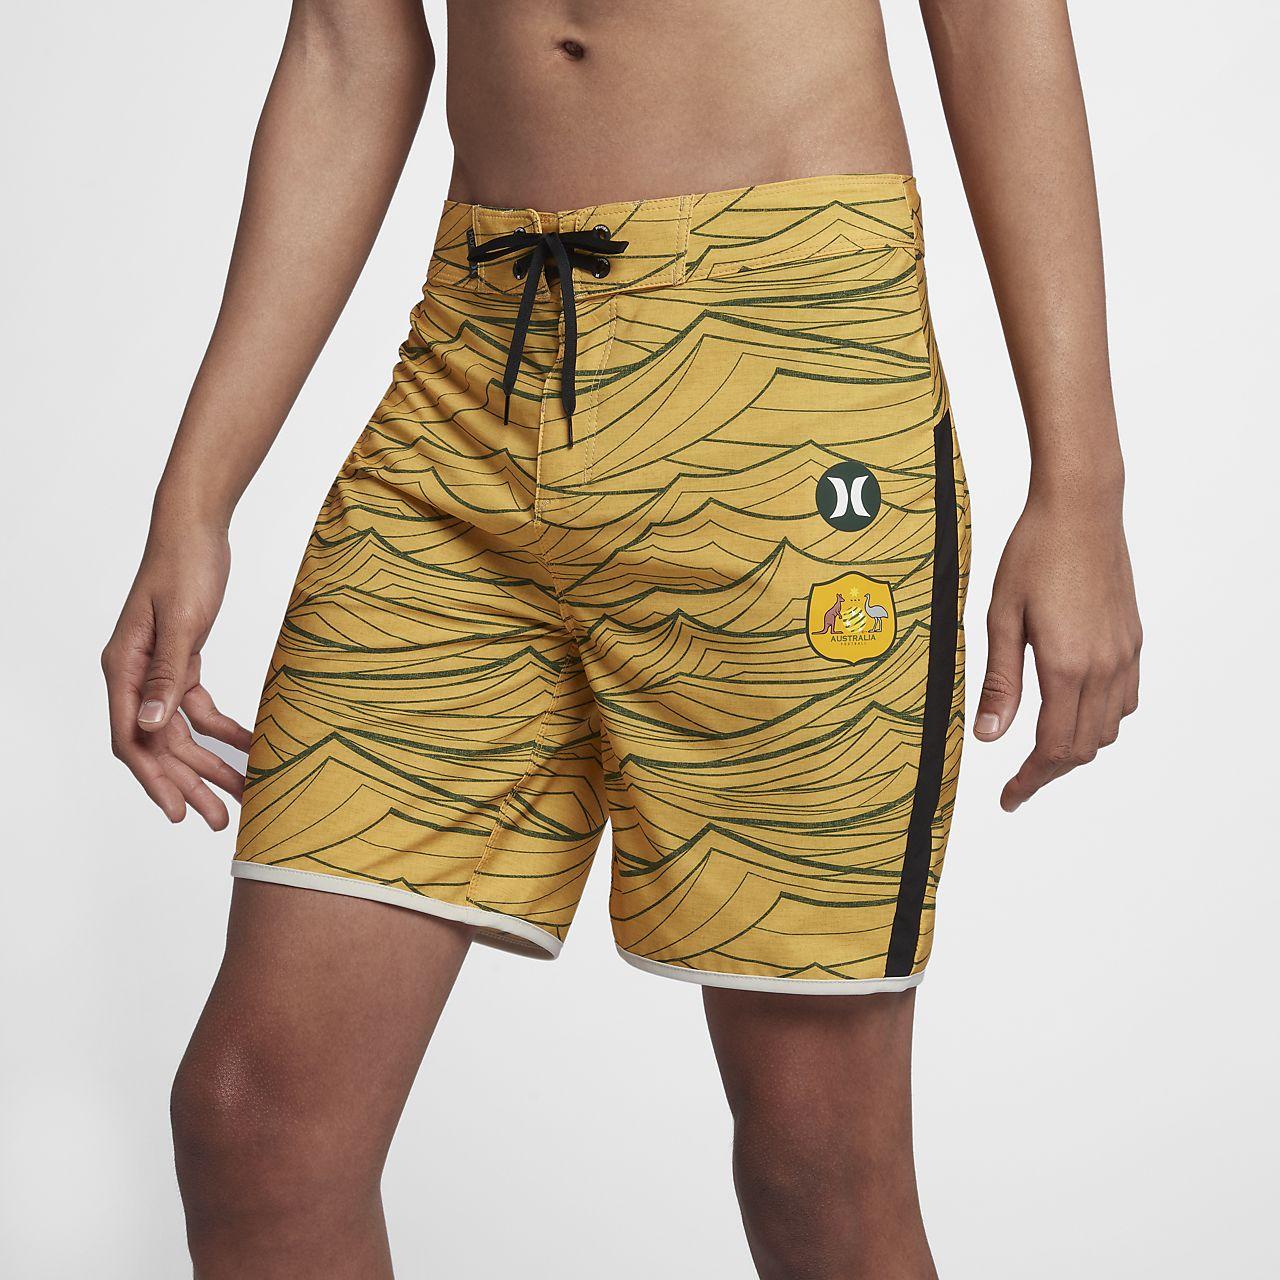 Calções de banho de 45,5 cm Hurley Phantom Australia National Team para homem